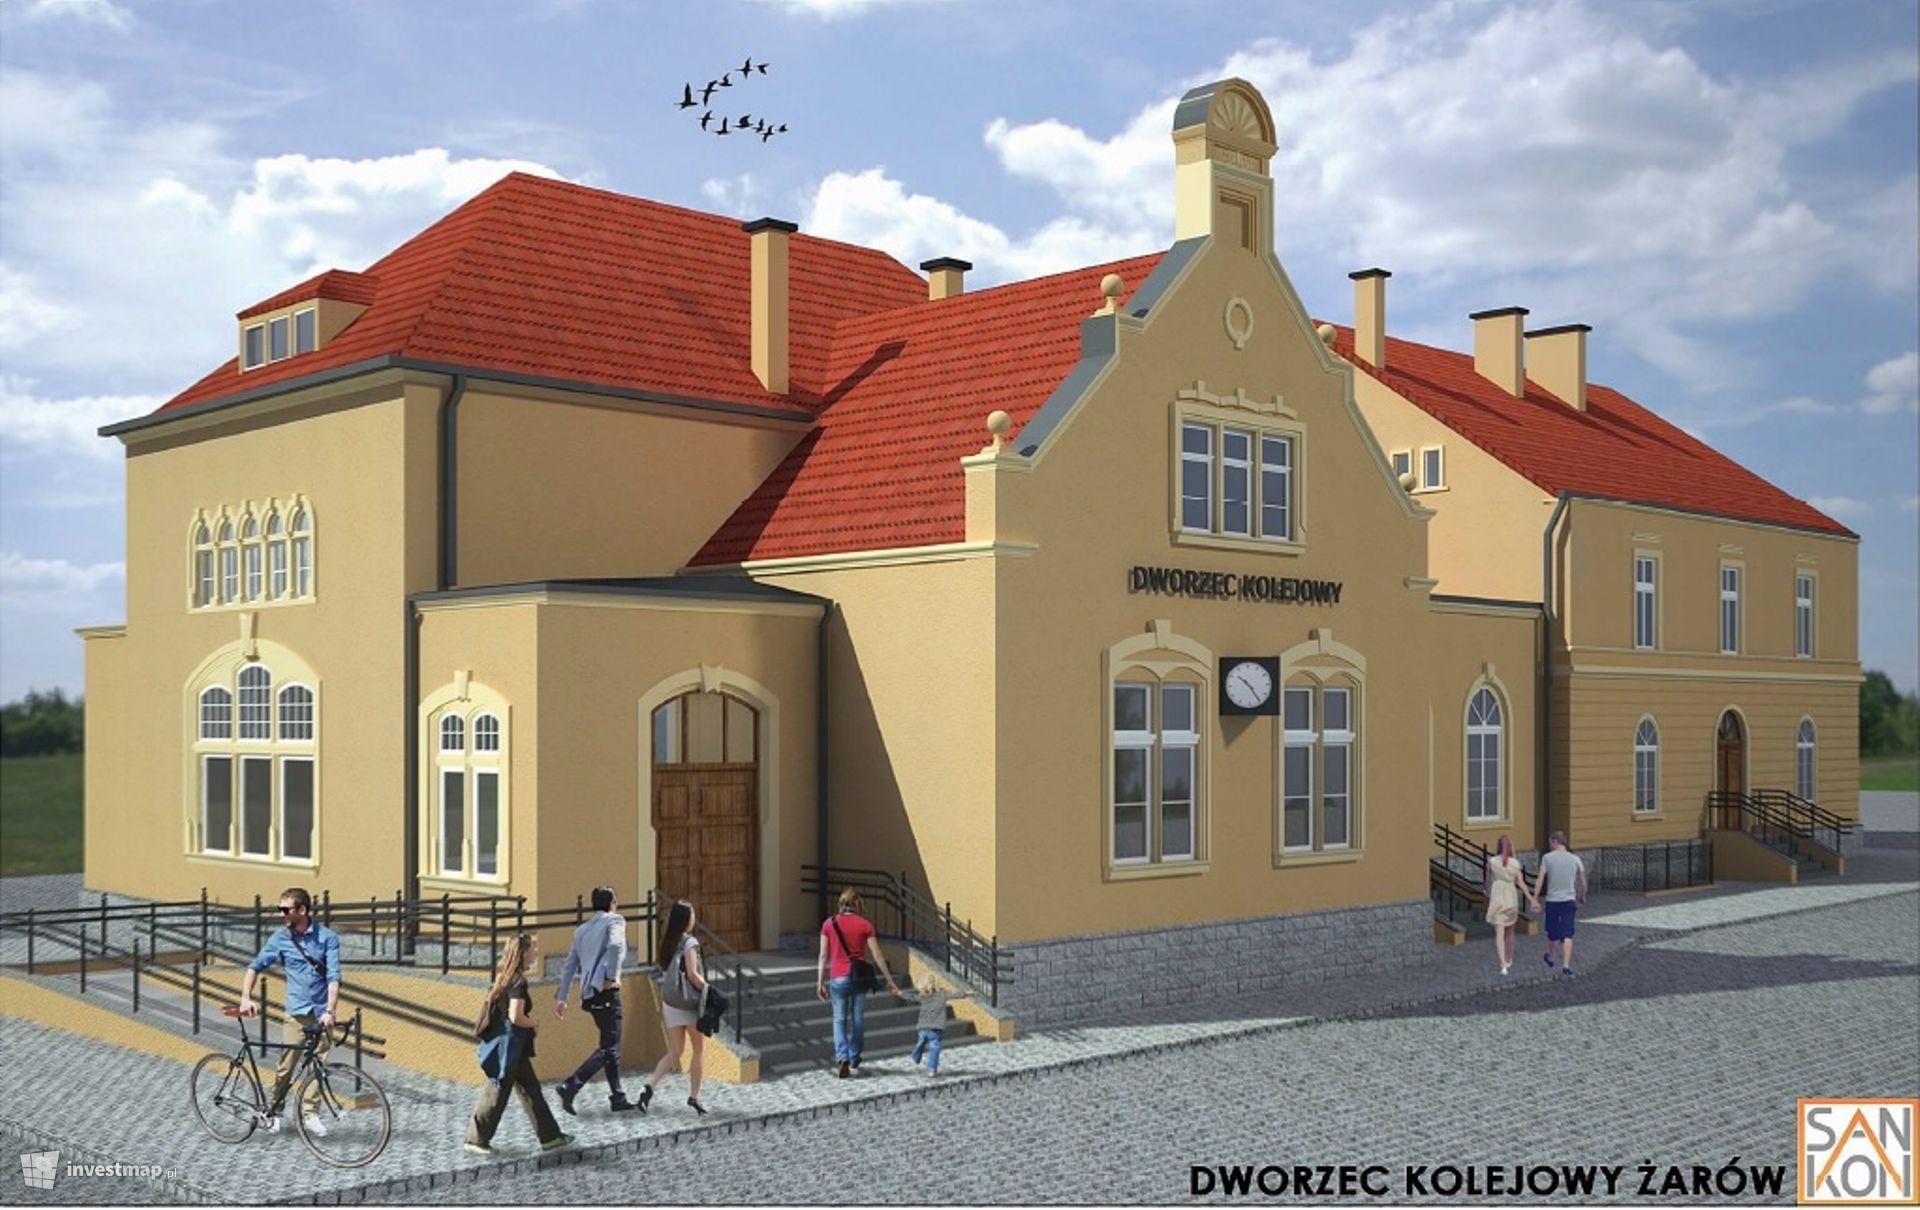 Dworzec PKP (modernizacja)